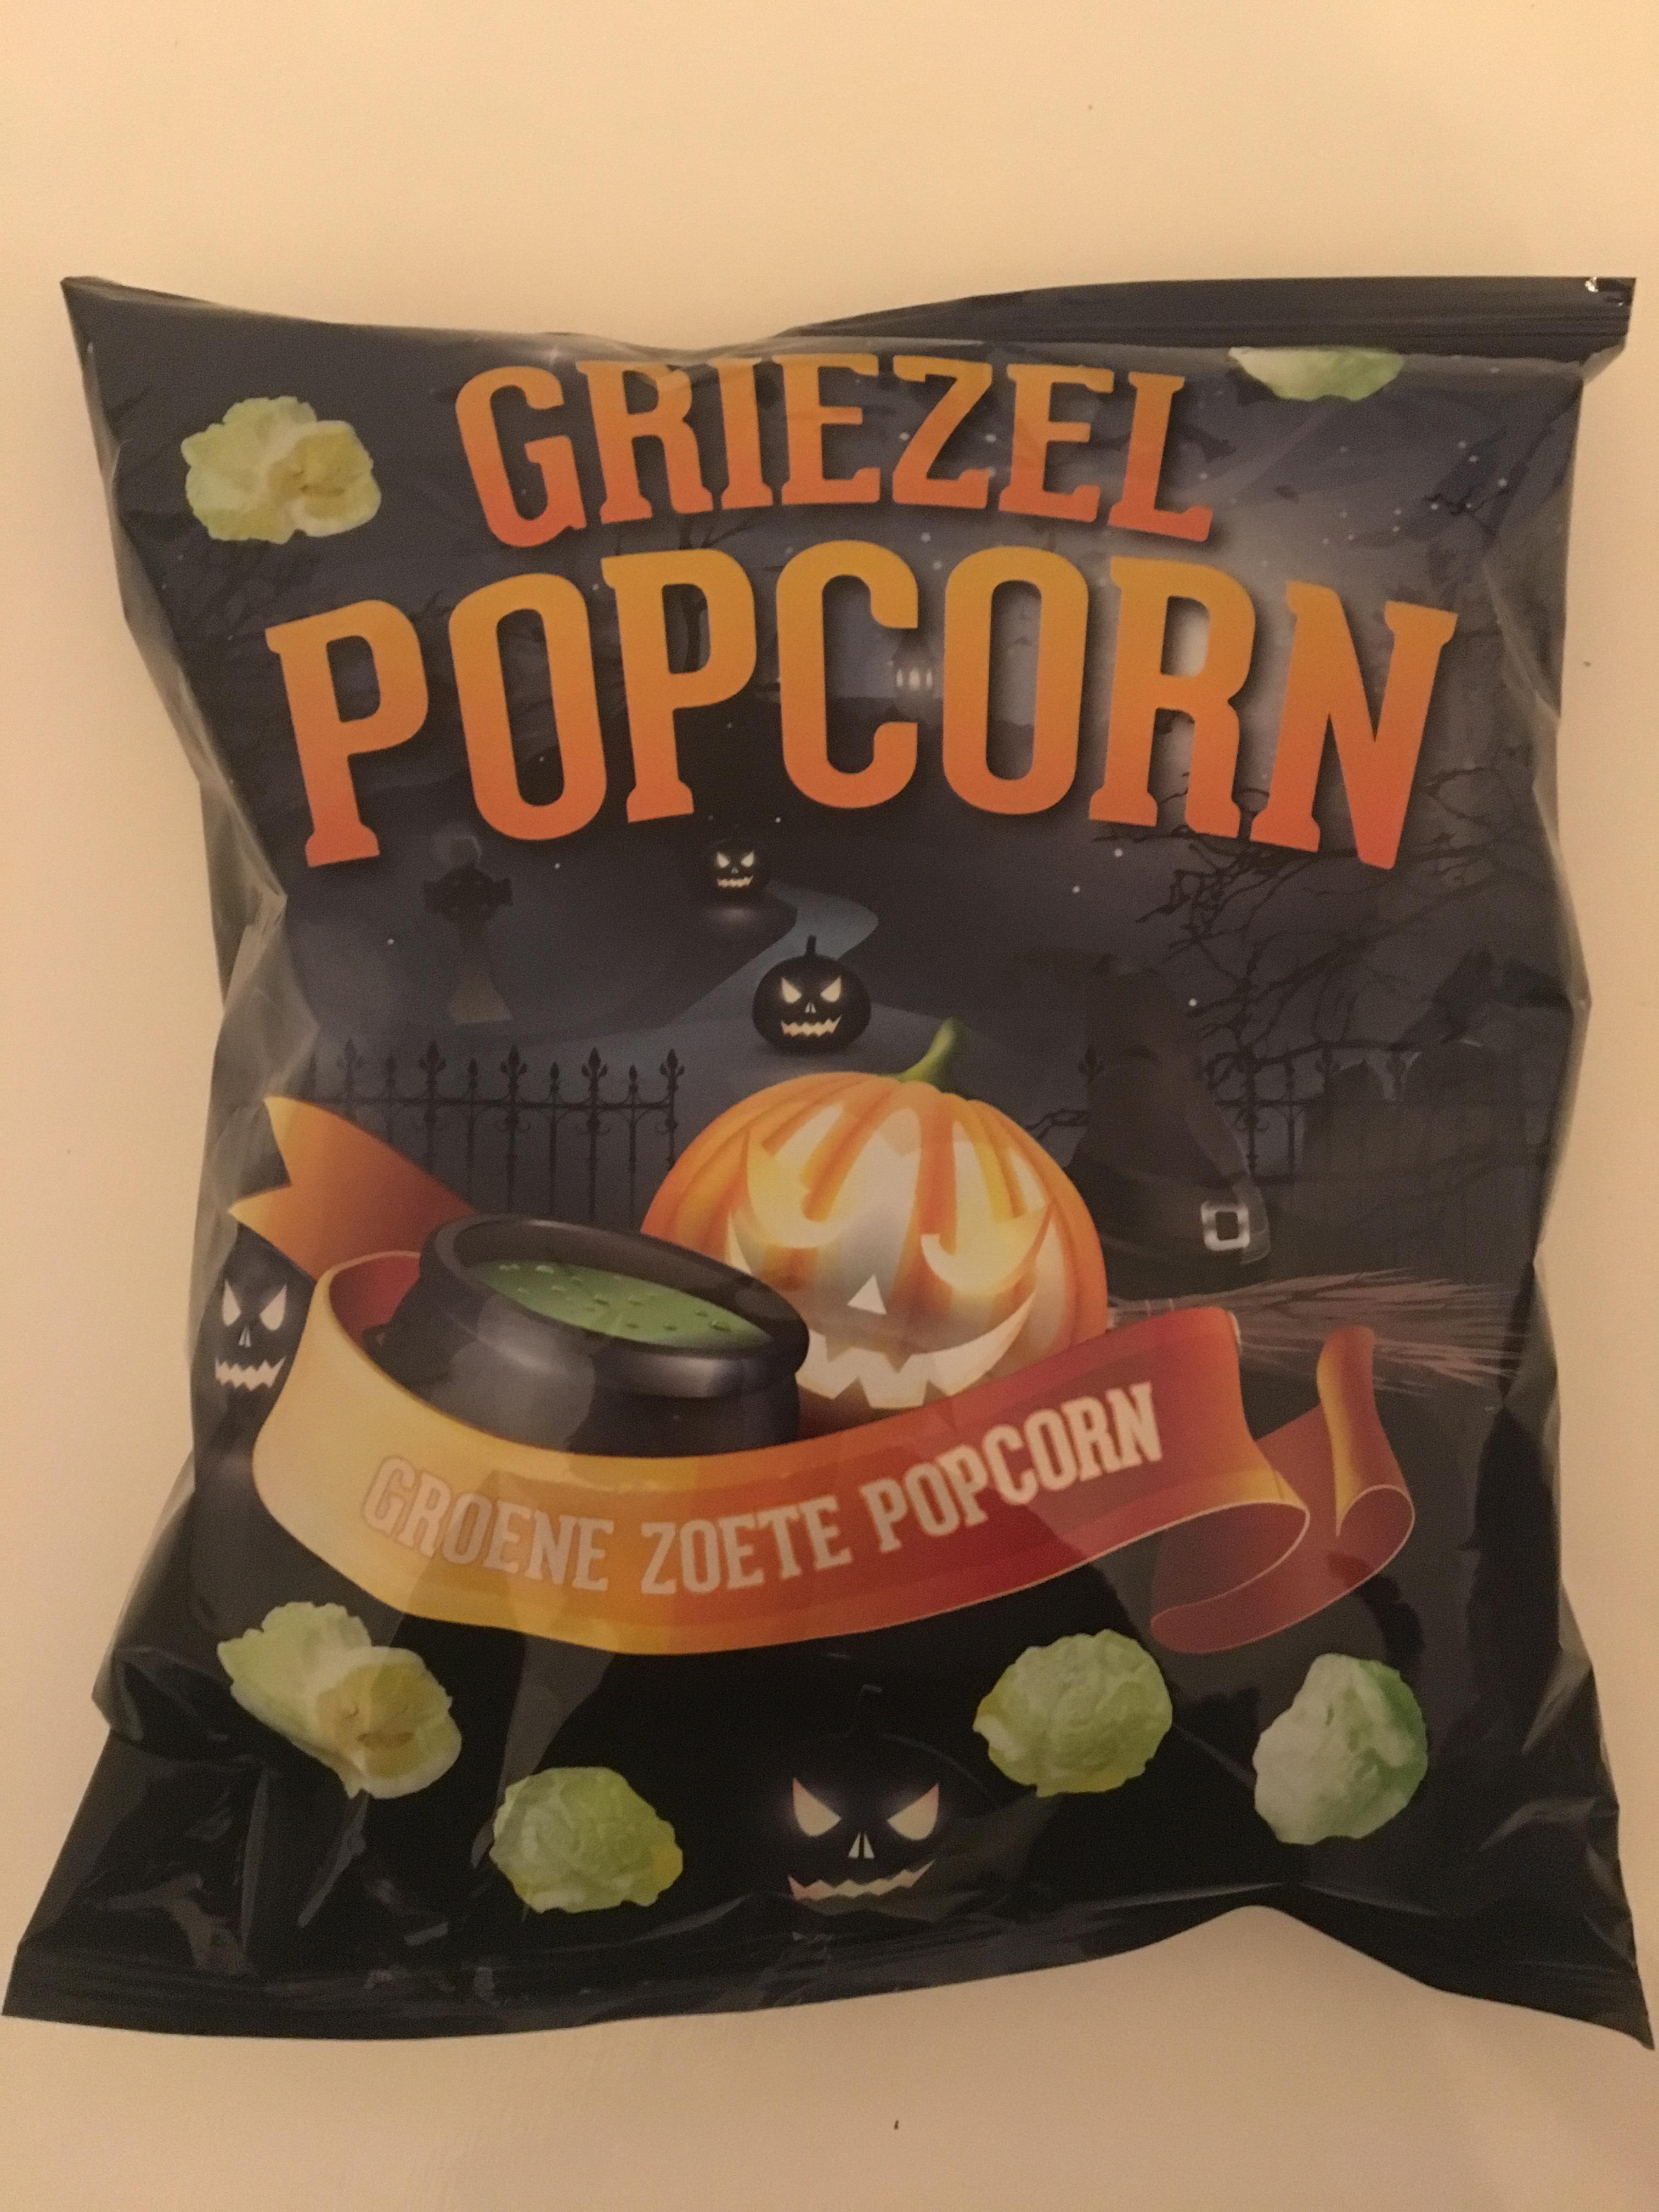 Griezel popcorn voor 0,25 bij de jumbo